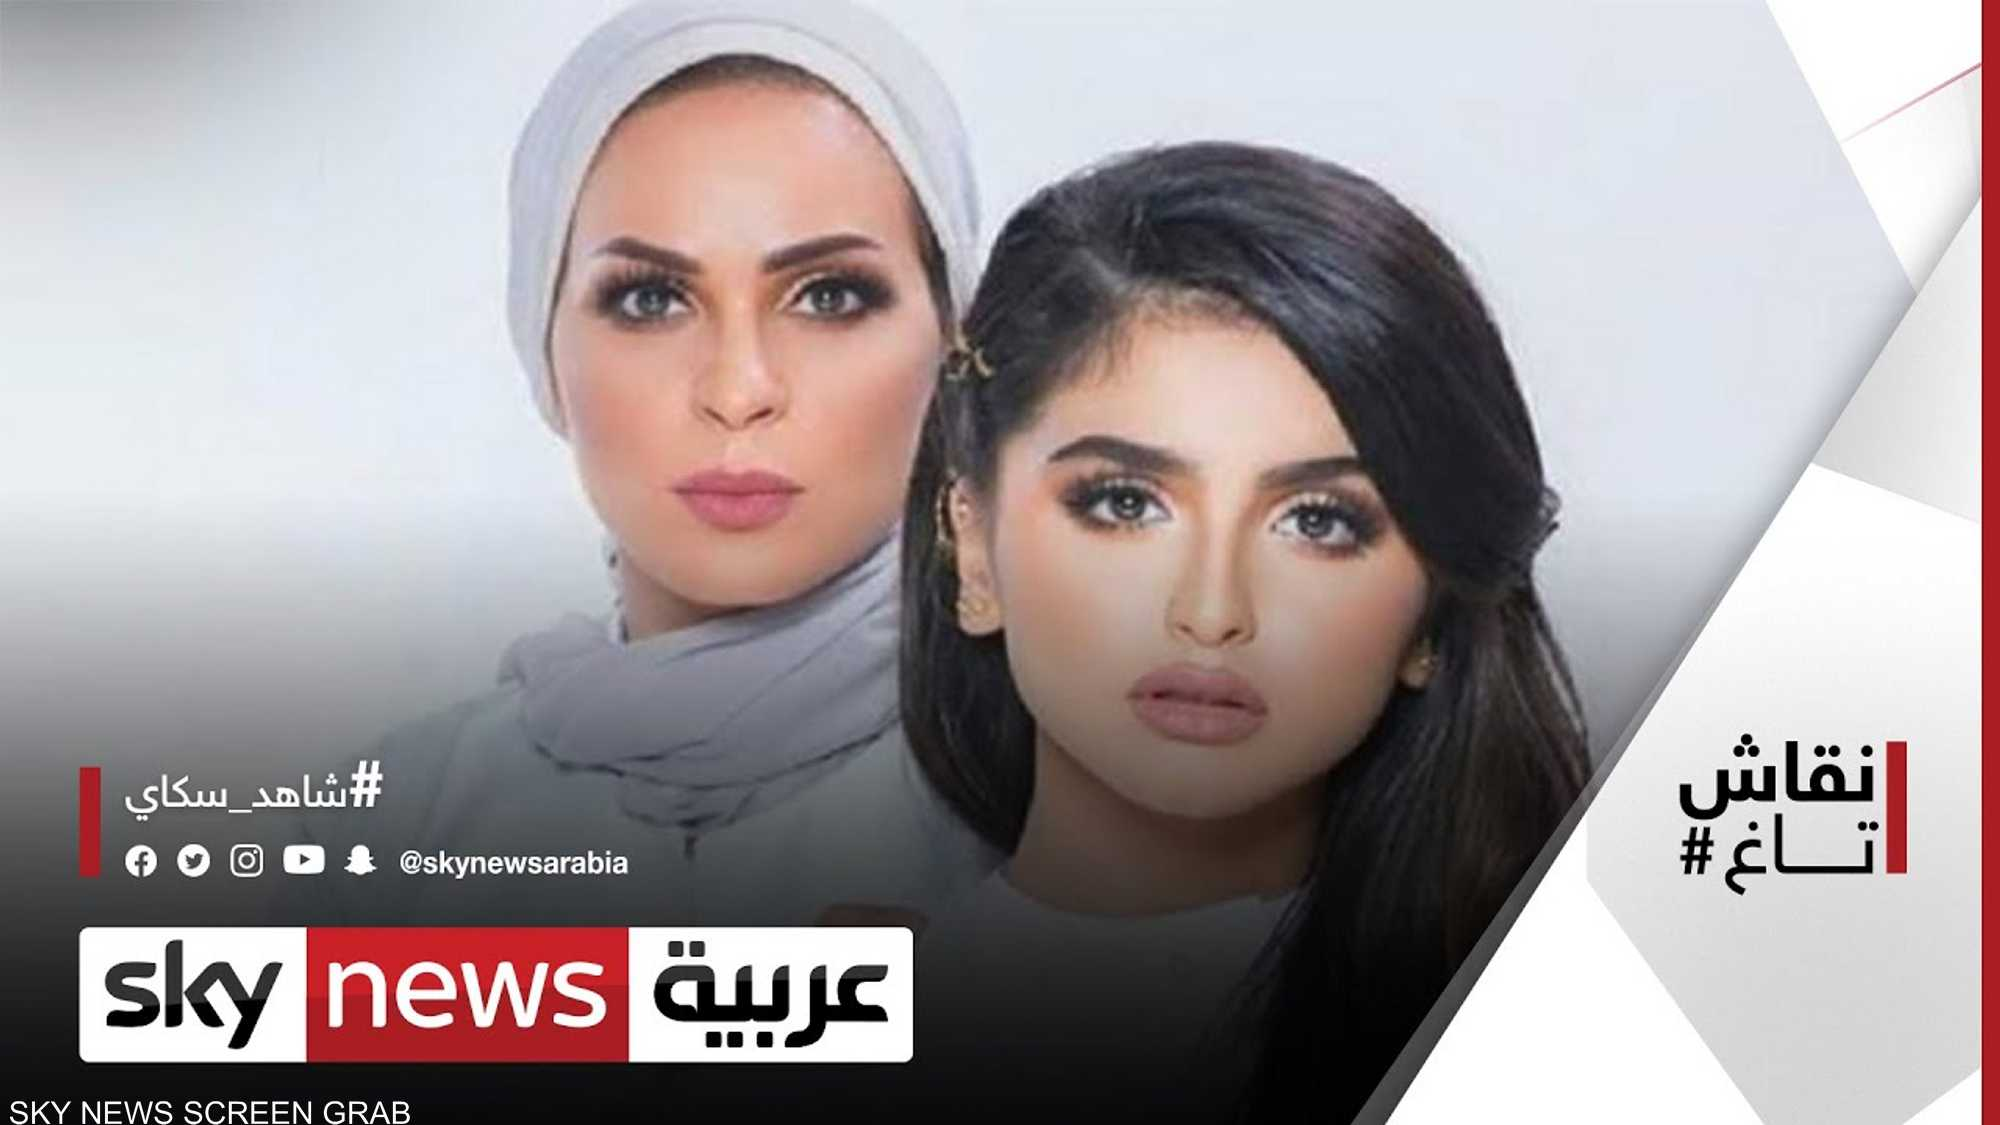 حلا الترك رفعت قضية تجاه أمها